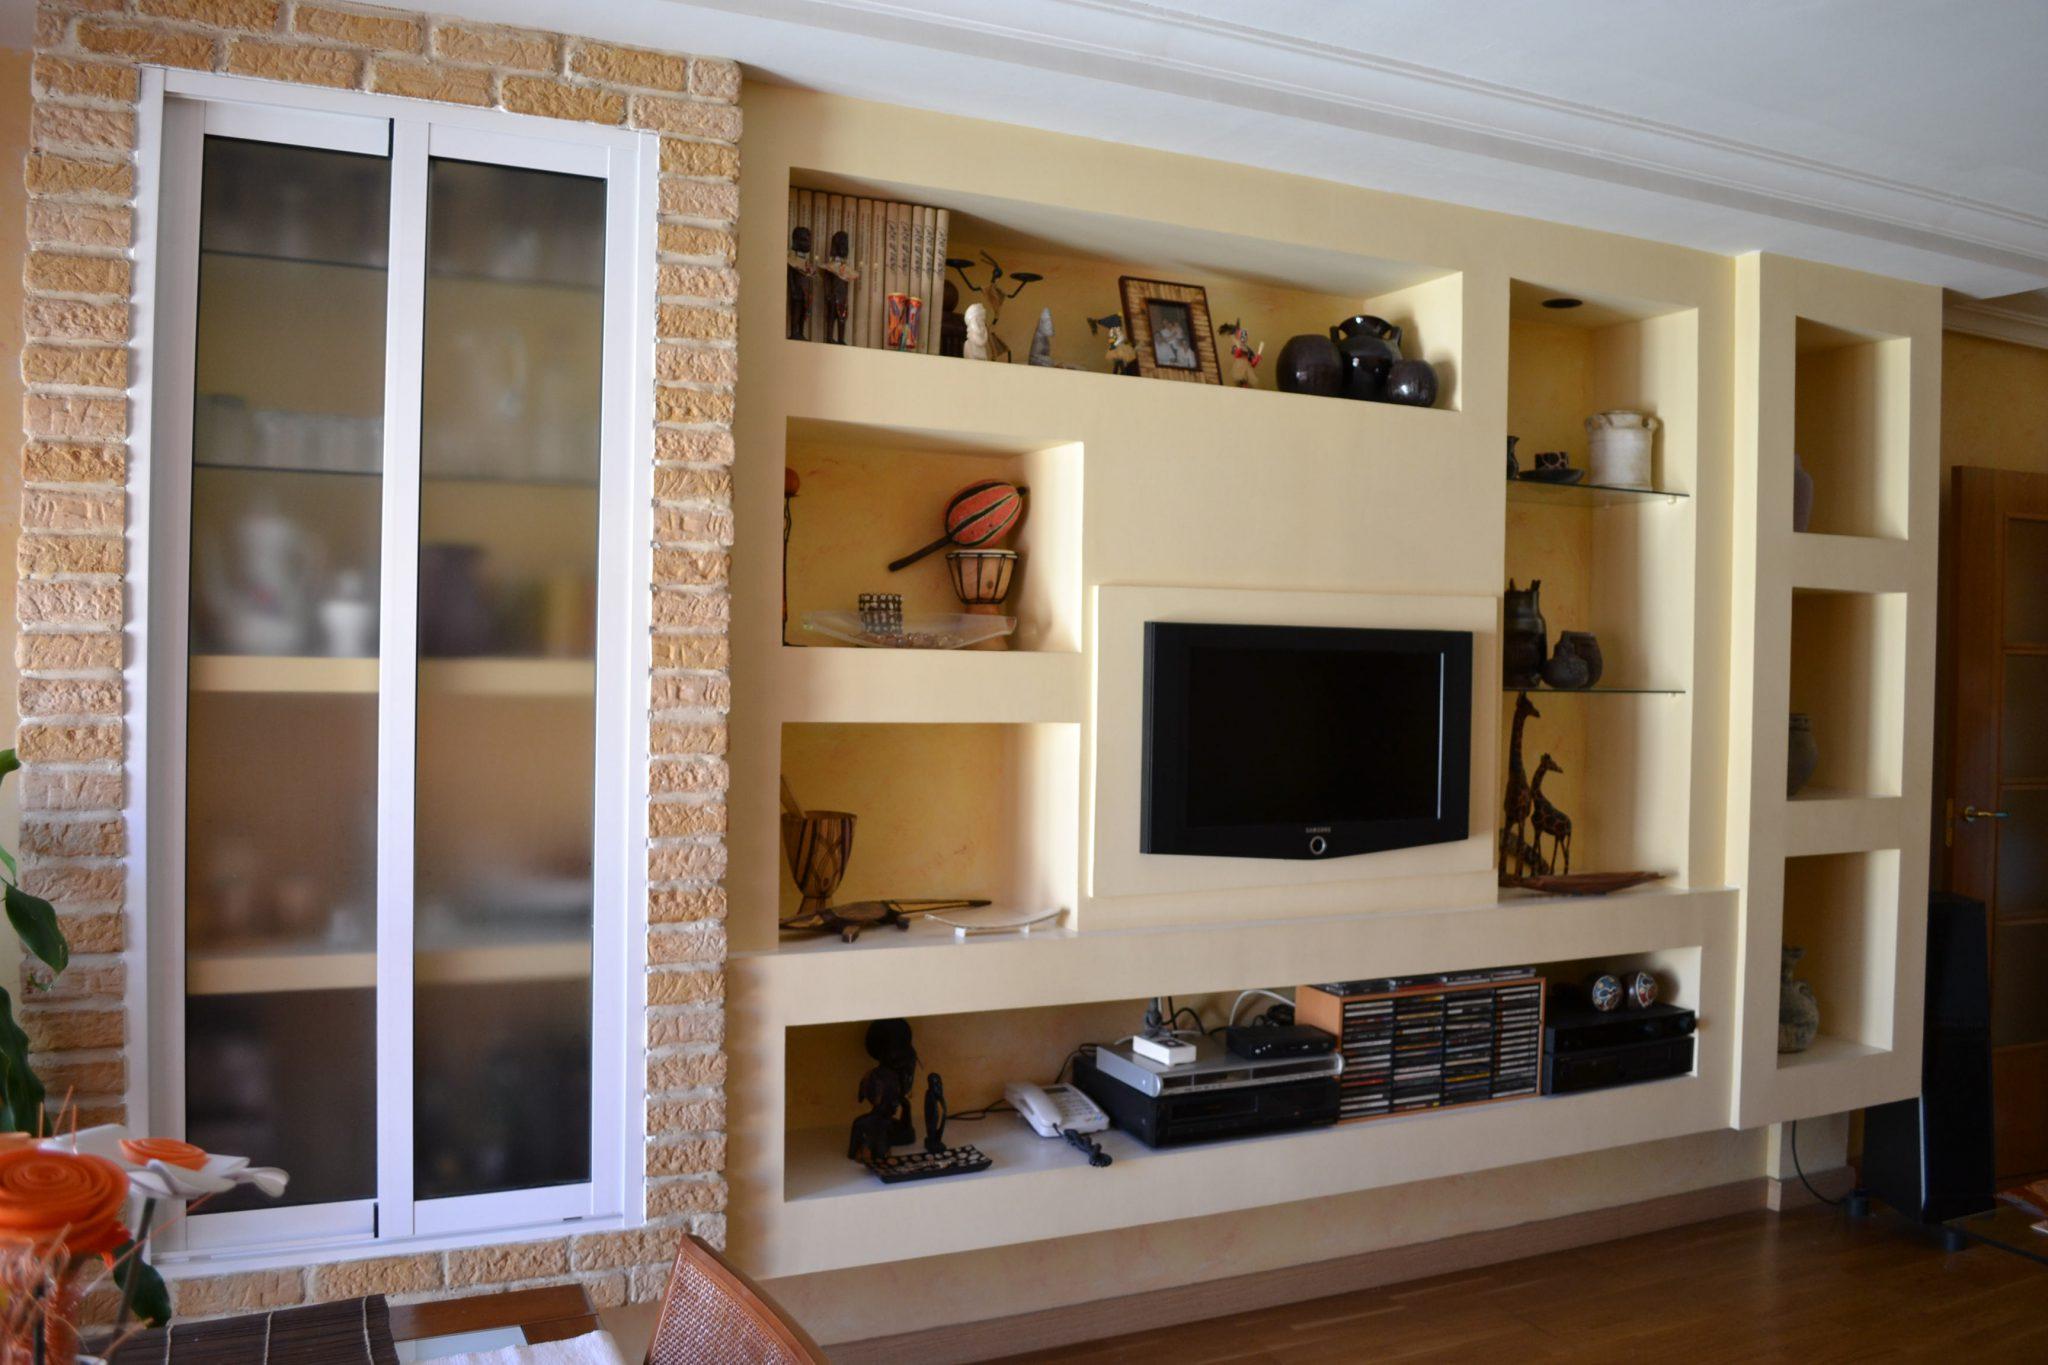 Reformas pladur busca y decora busca y decora - Muebles de escayola ...